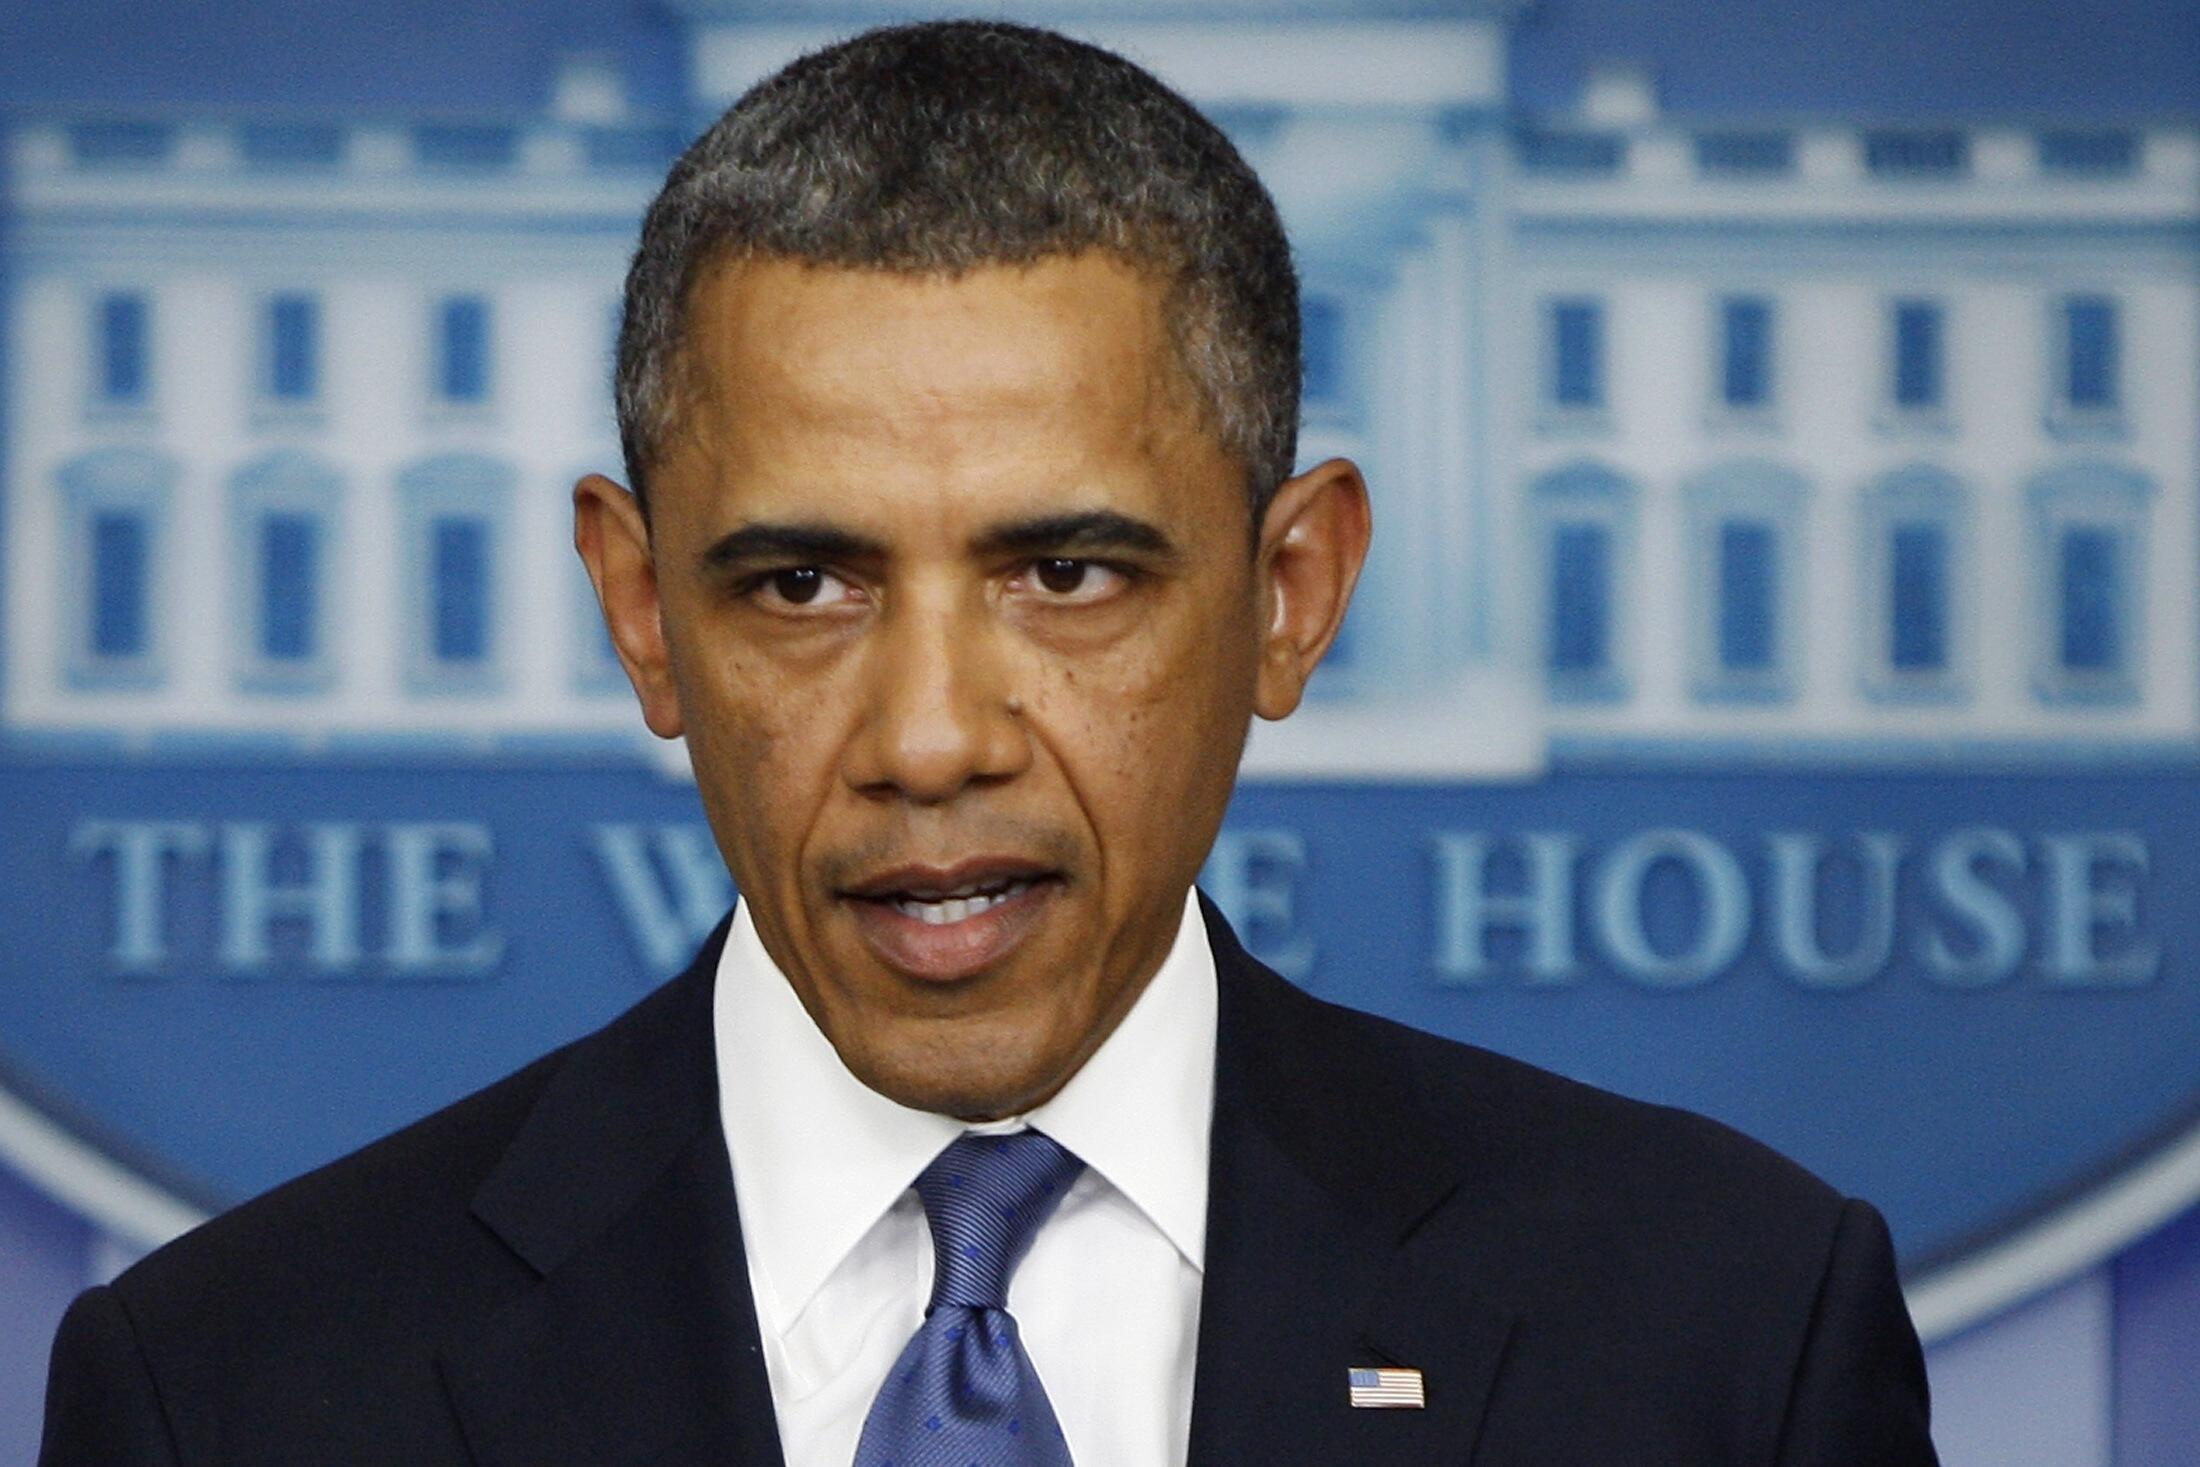 O presidente americano Barack Obama durante coletiva de imprensa na última sexta-feira, na Casa Branca, após reunião com líderes do Congresso.